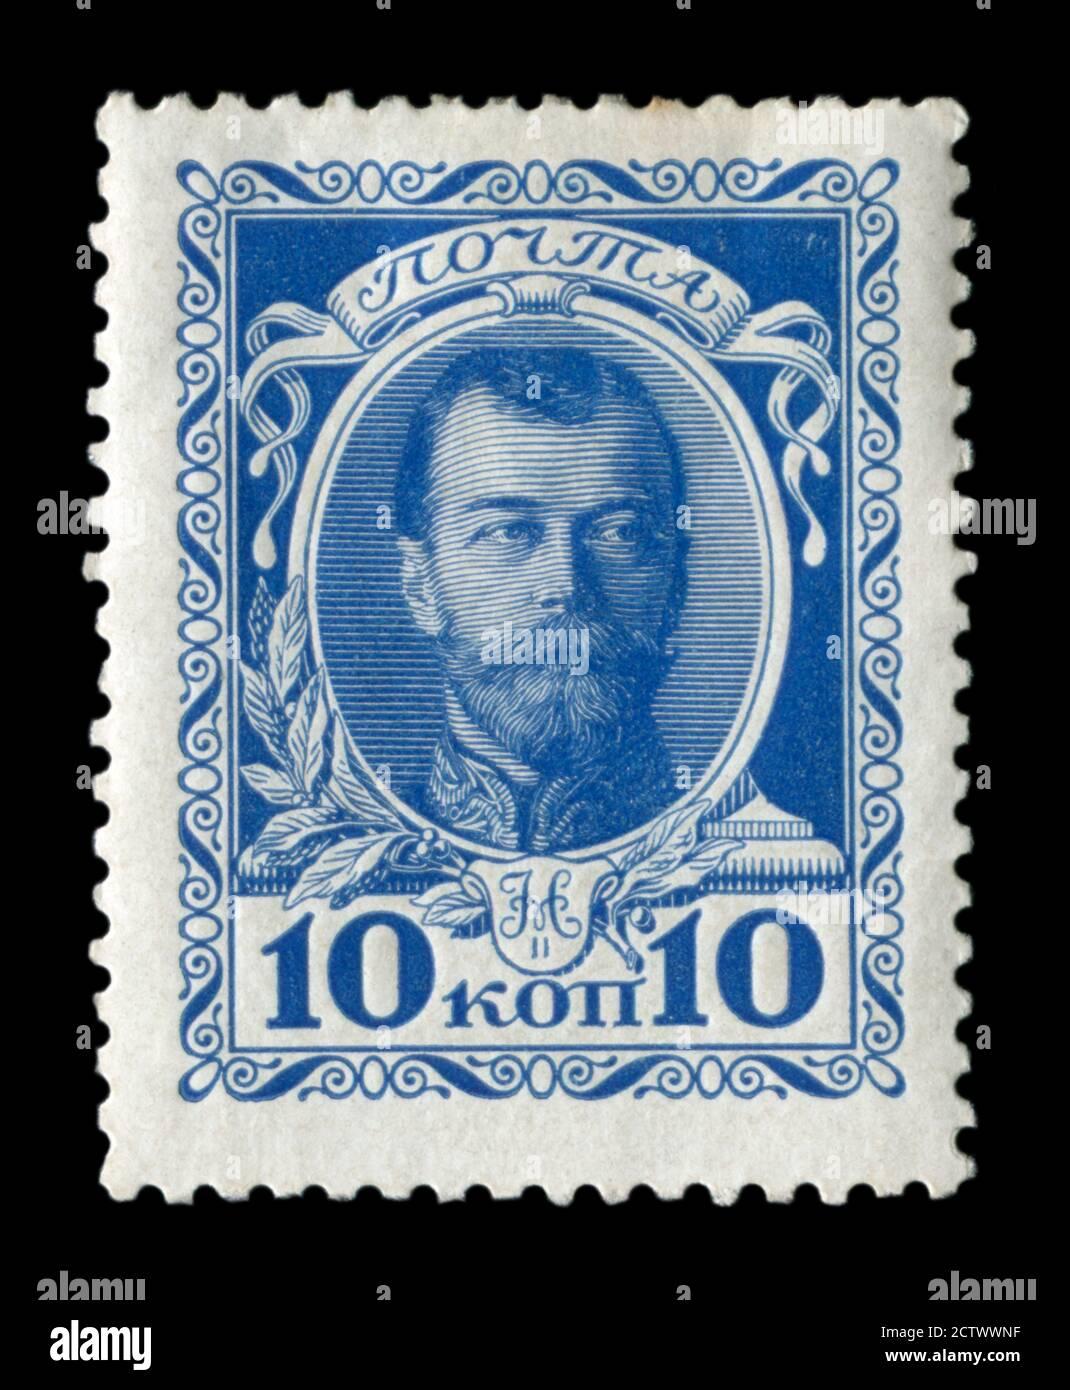 Russische historische Briefmarke: 300. Jahrestag des Hauses Romanov. Zaristische Dynastie des Russischen Reiches, Kaiser Nikolaus II, 1613-1913 Stockfoto